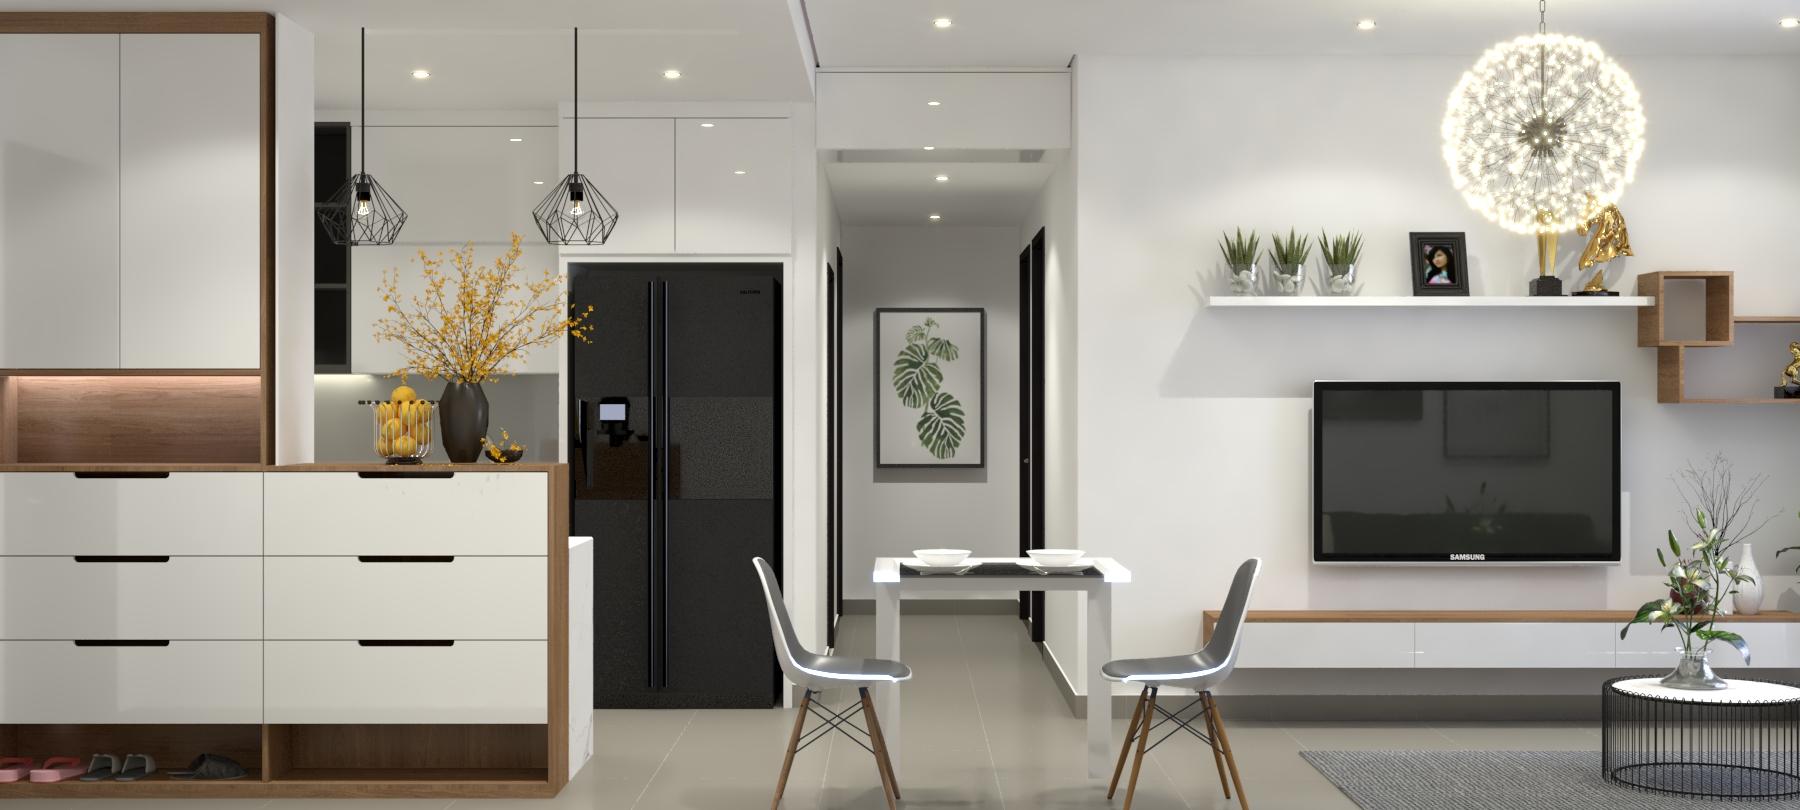 Thiết kế nội thất Chung Cư tại Hồ Chí Minh Căn hộ Sunrisse 1576570107 2